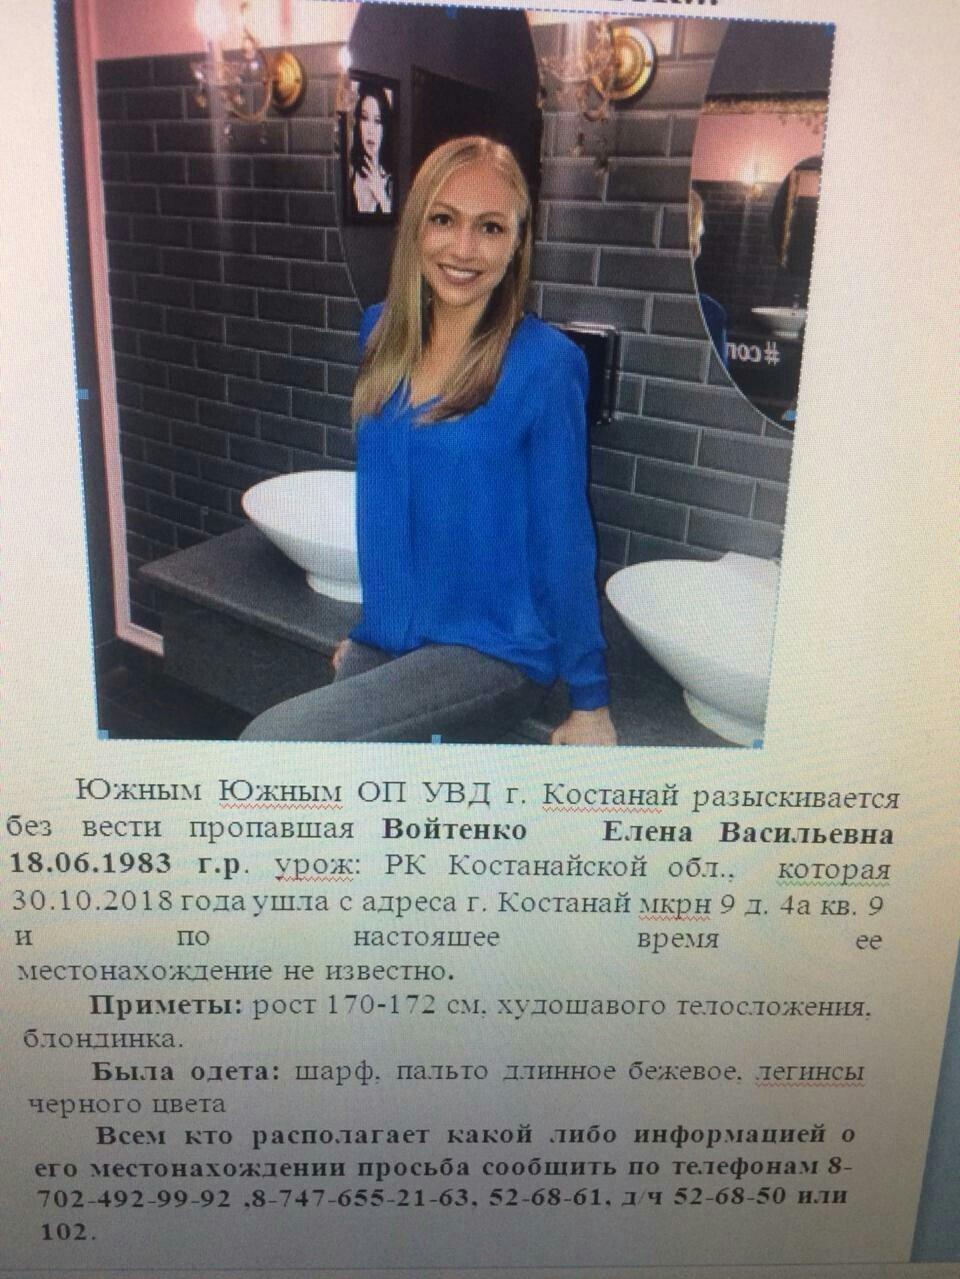 Пропавшая без вести Елена Войтенко, разыскиваемая в Костанае